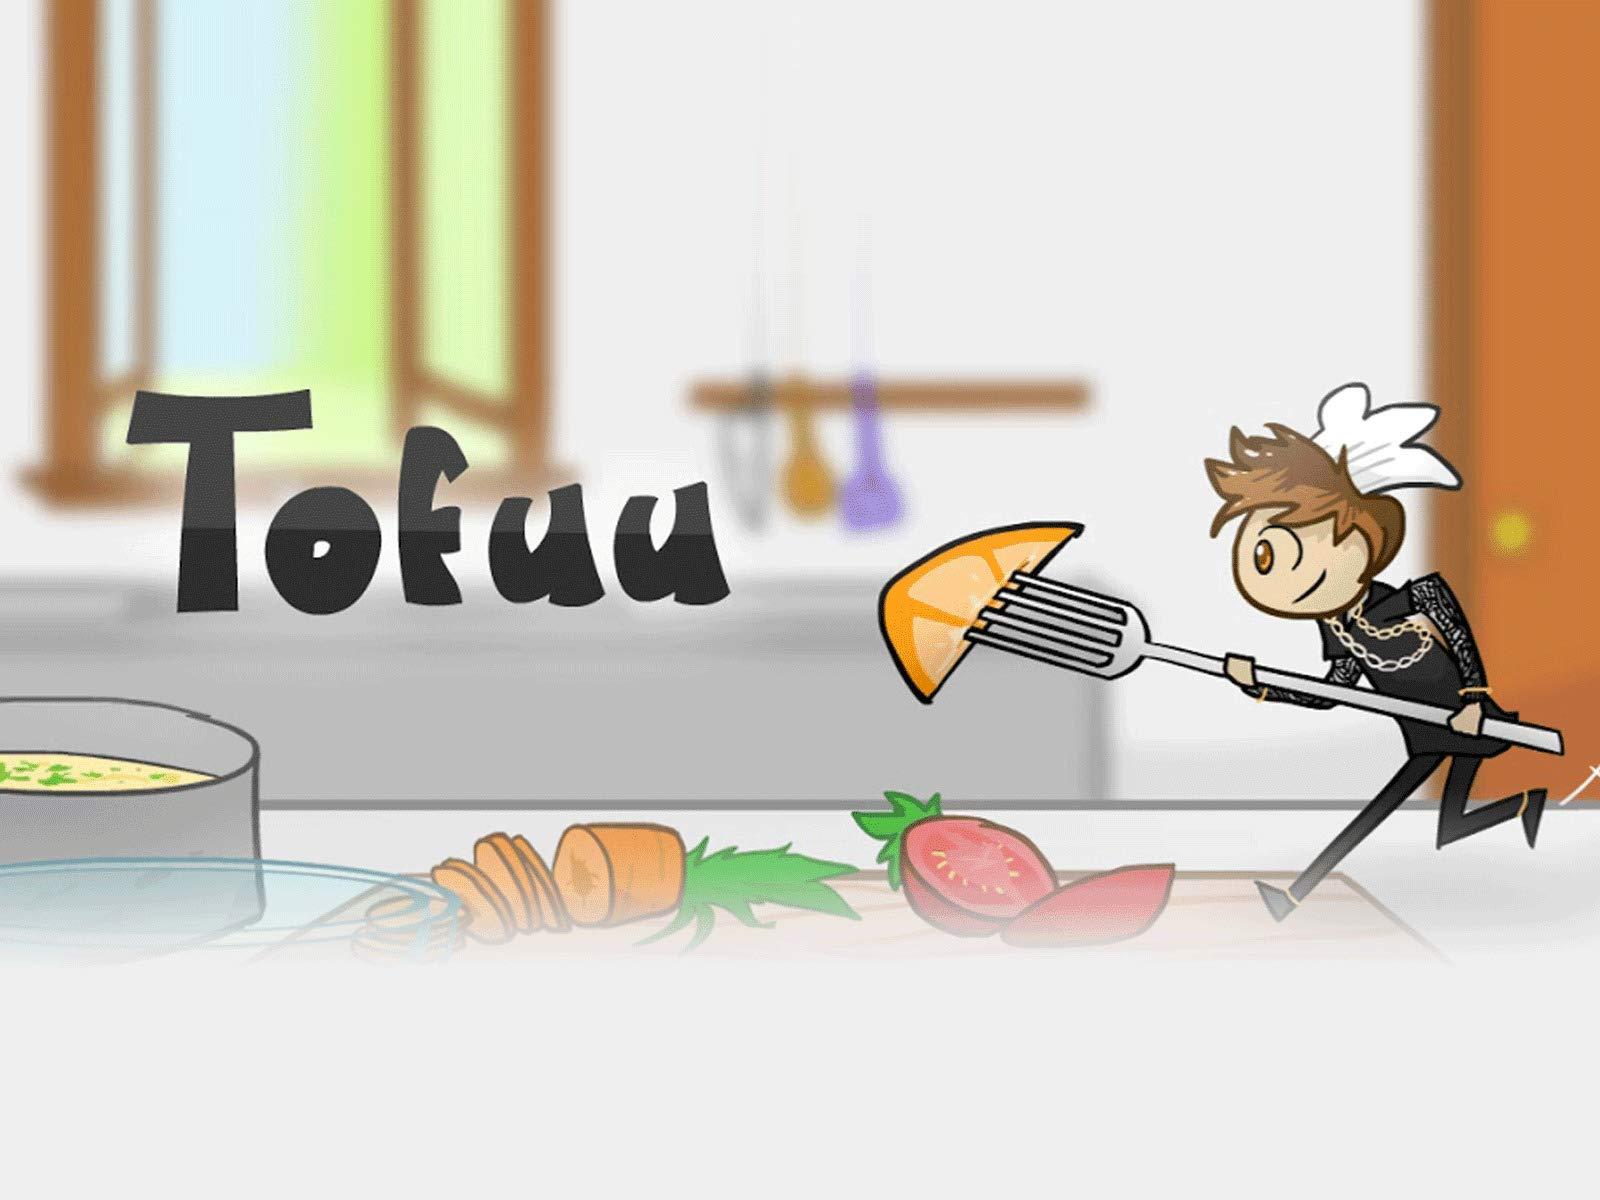 Clip: Tofuu - Season 1